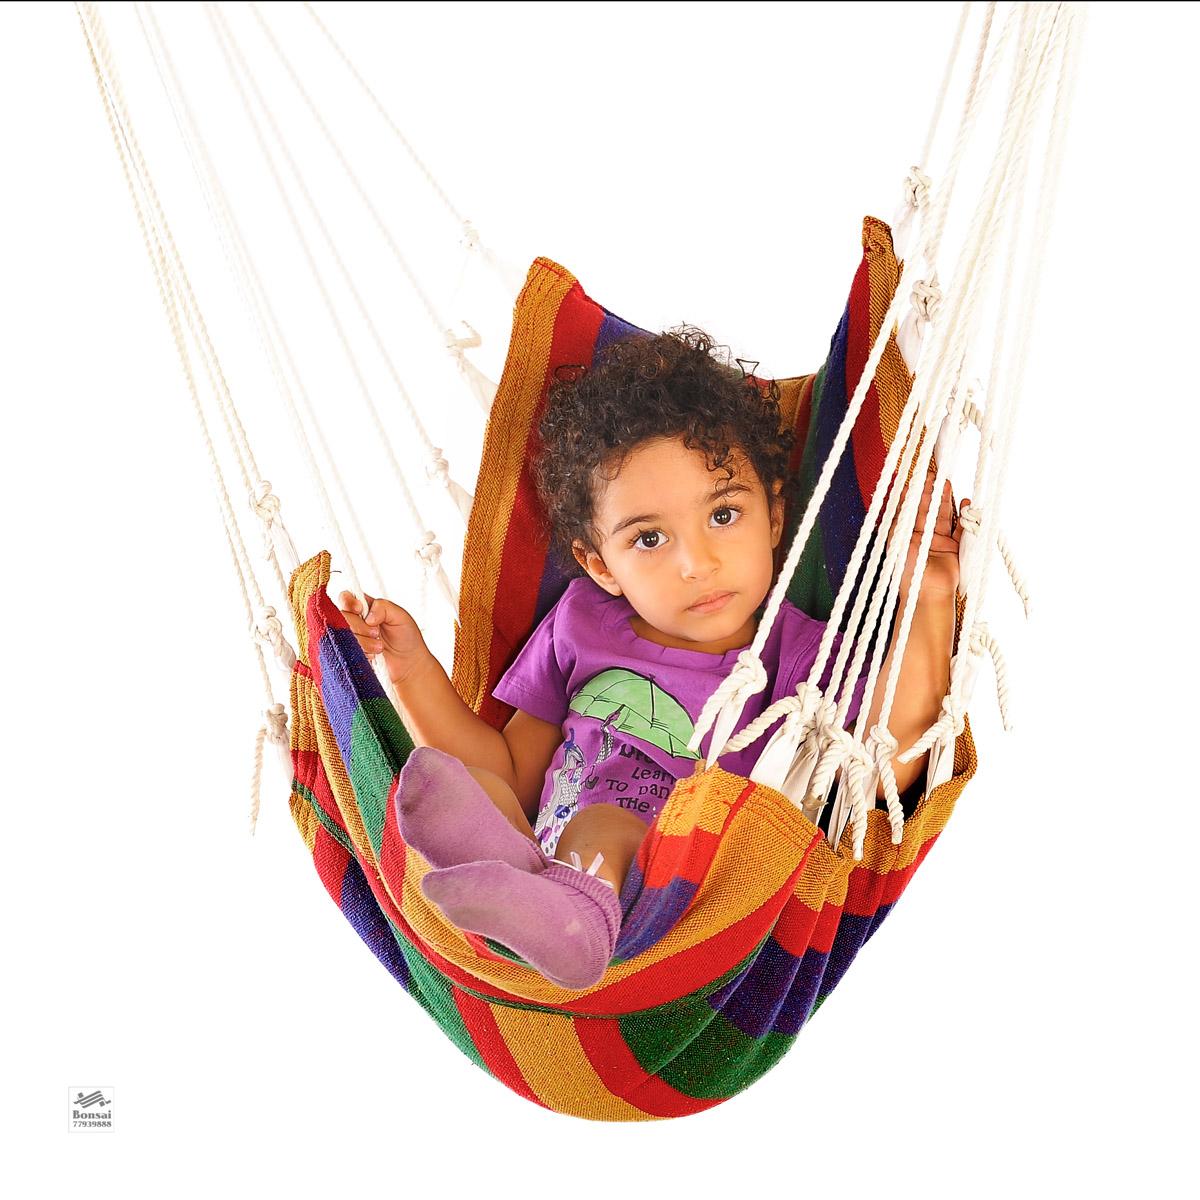 اهمیت بازی در عکاسی کودک (ویژه آتلیه کودک)